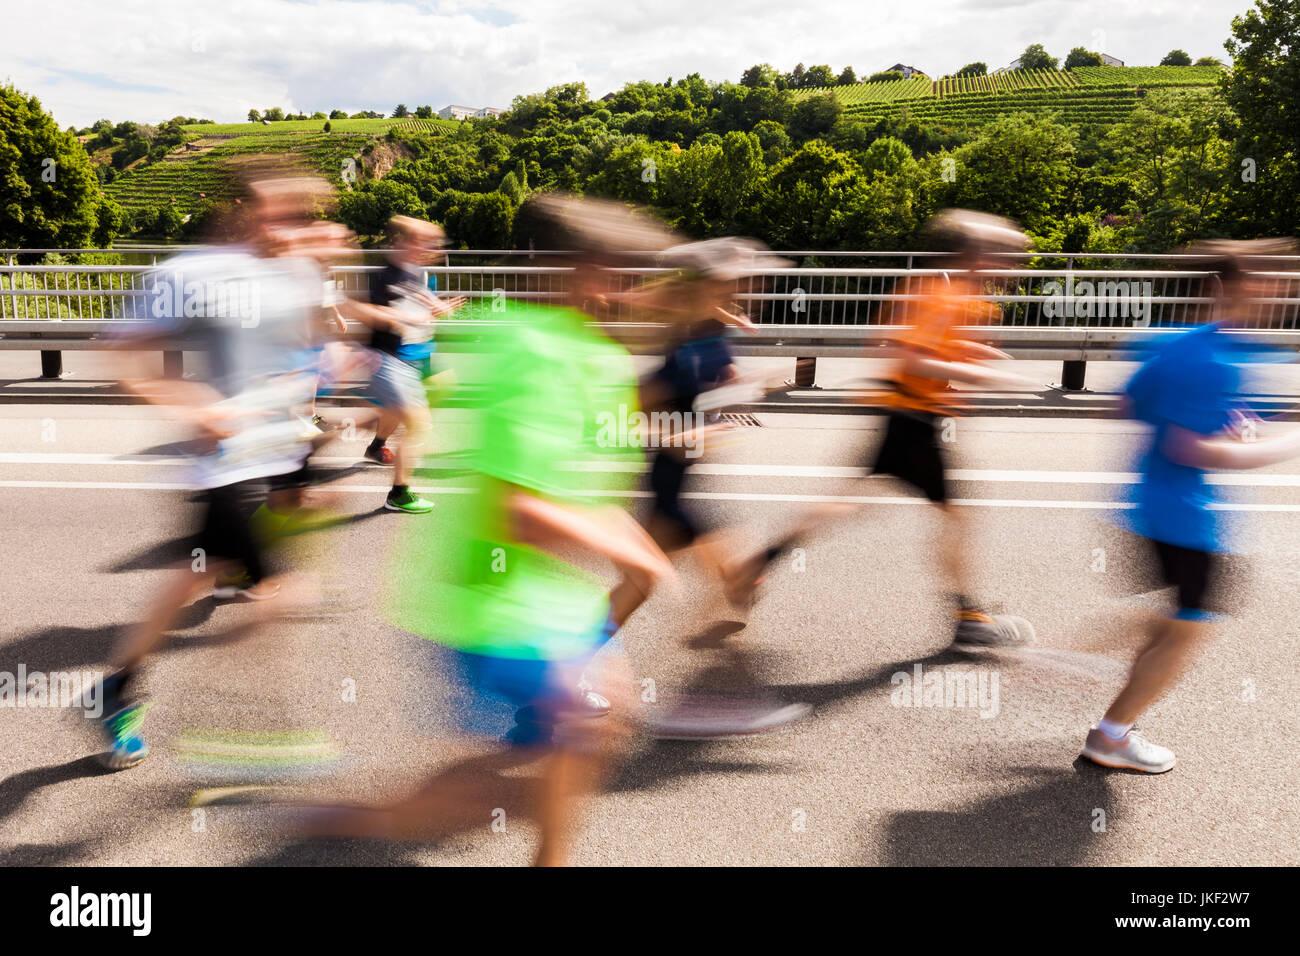 Deutschland, Baden-Württemberg, Stuttgart, Weinberge, Stuttgart-Lauf, Halbmarathon, Veranstaltung für - Stock Image